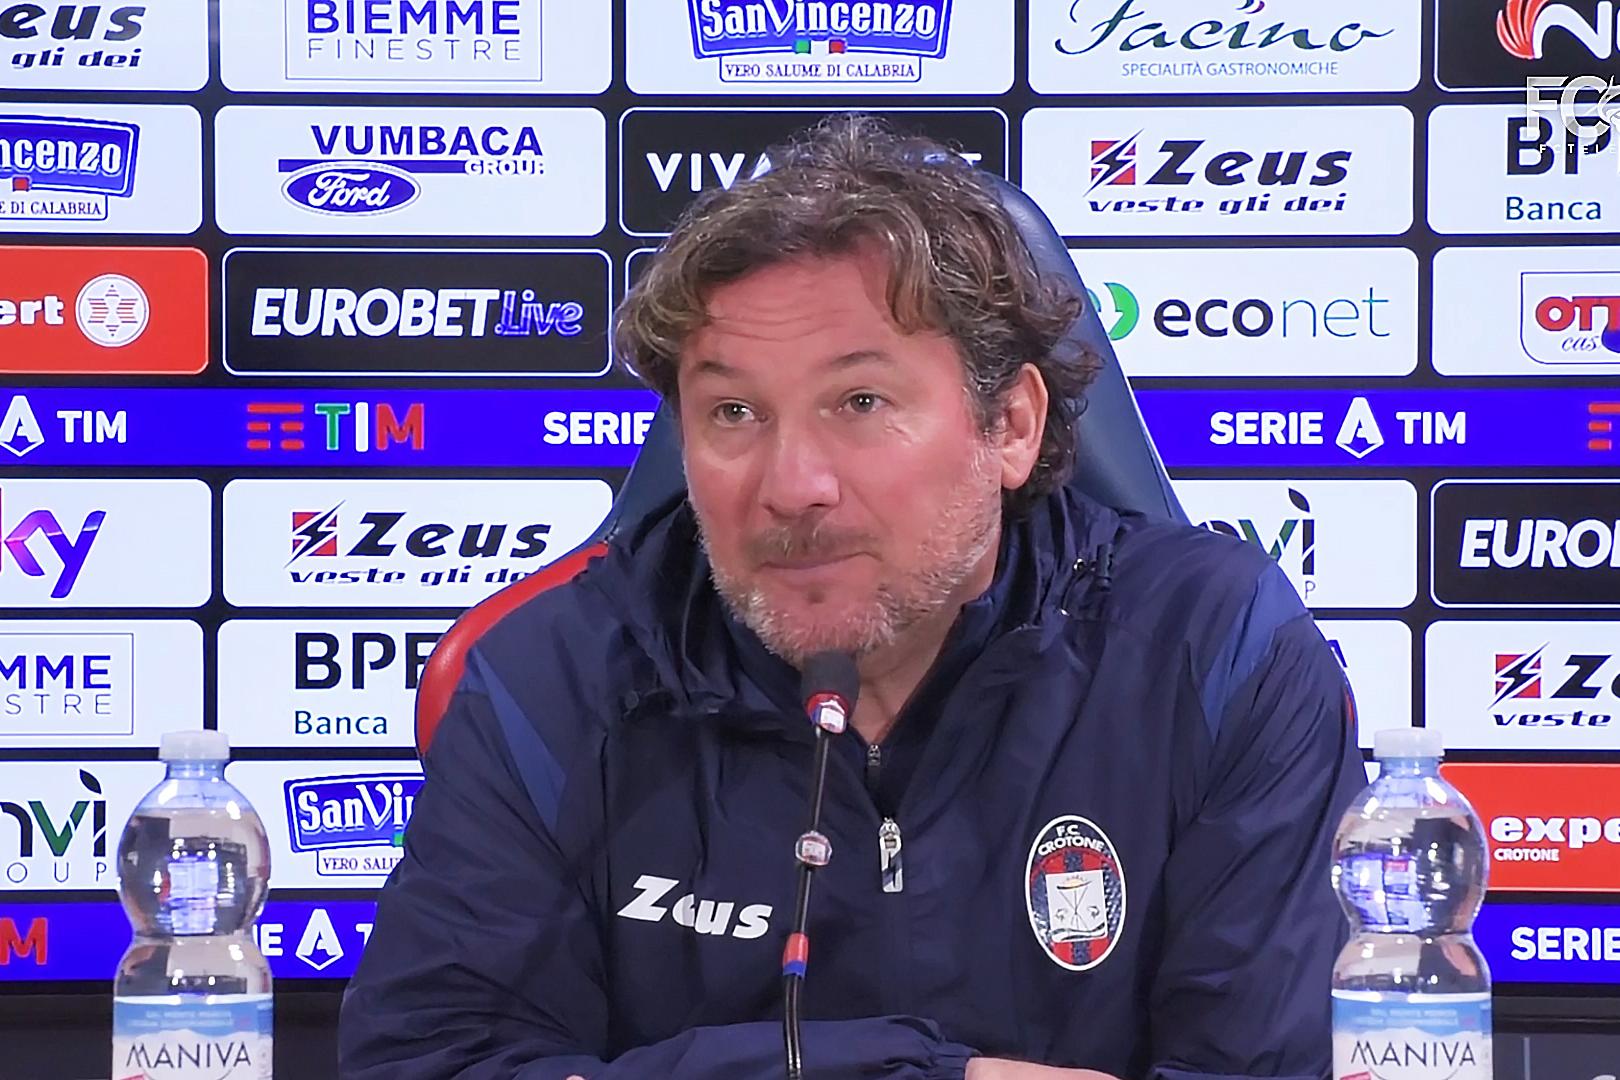 Mister Stroppa presenta #MilanCrotone